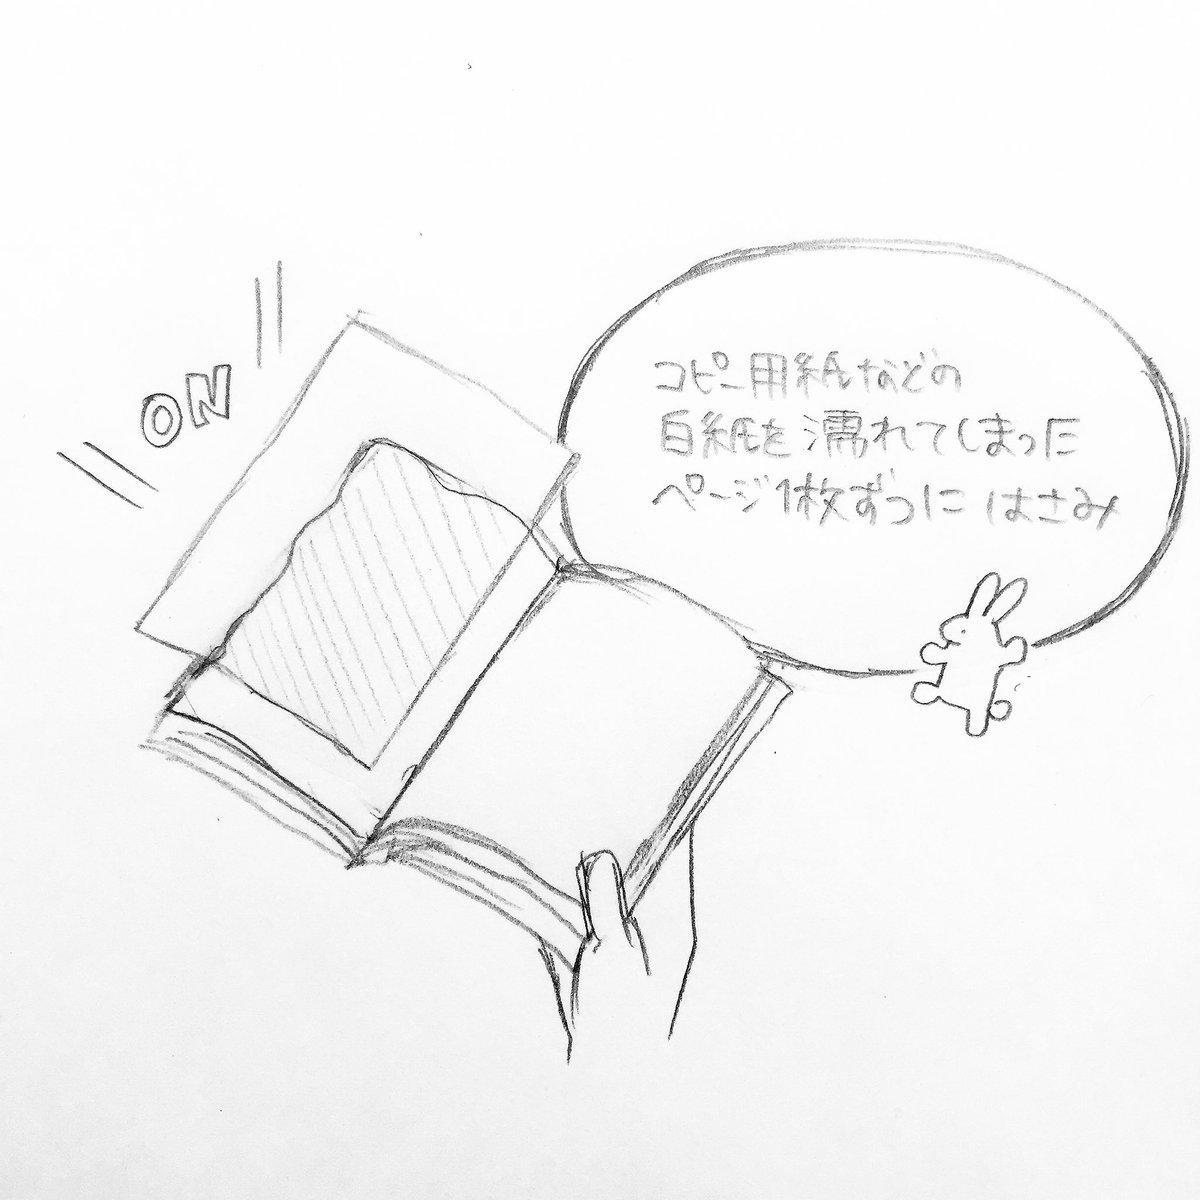 【豆知識】大事な本や教科書が濡れてしまったら・・元通りになる対処法が話題に